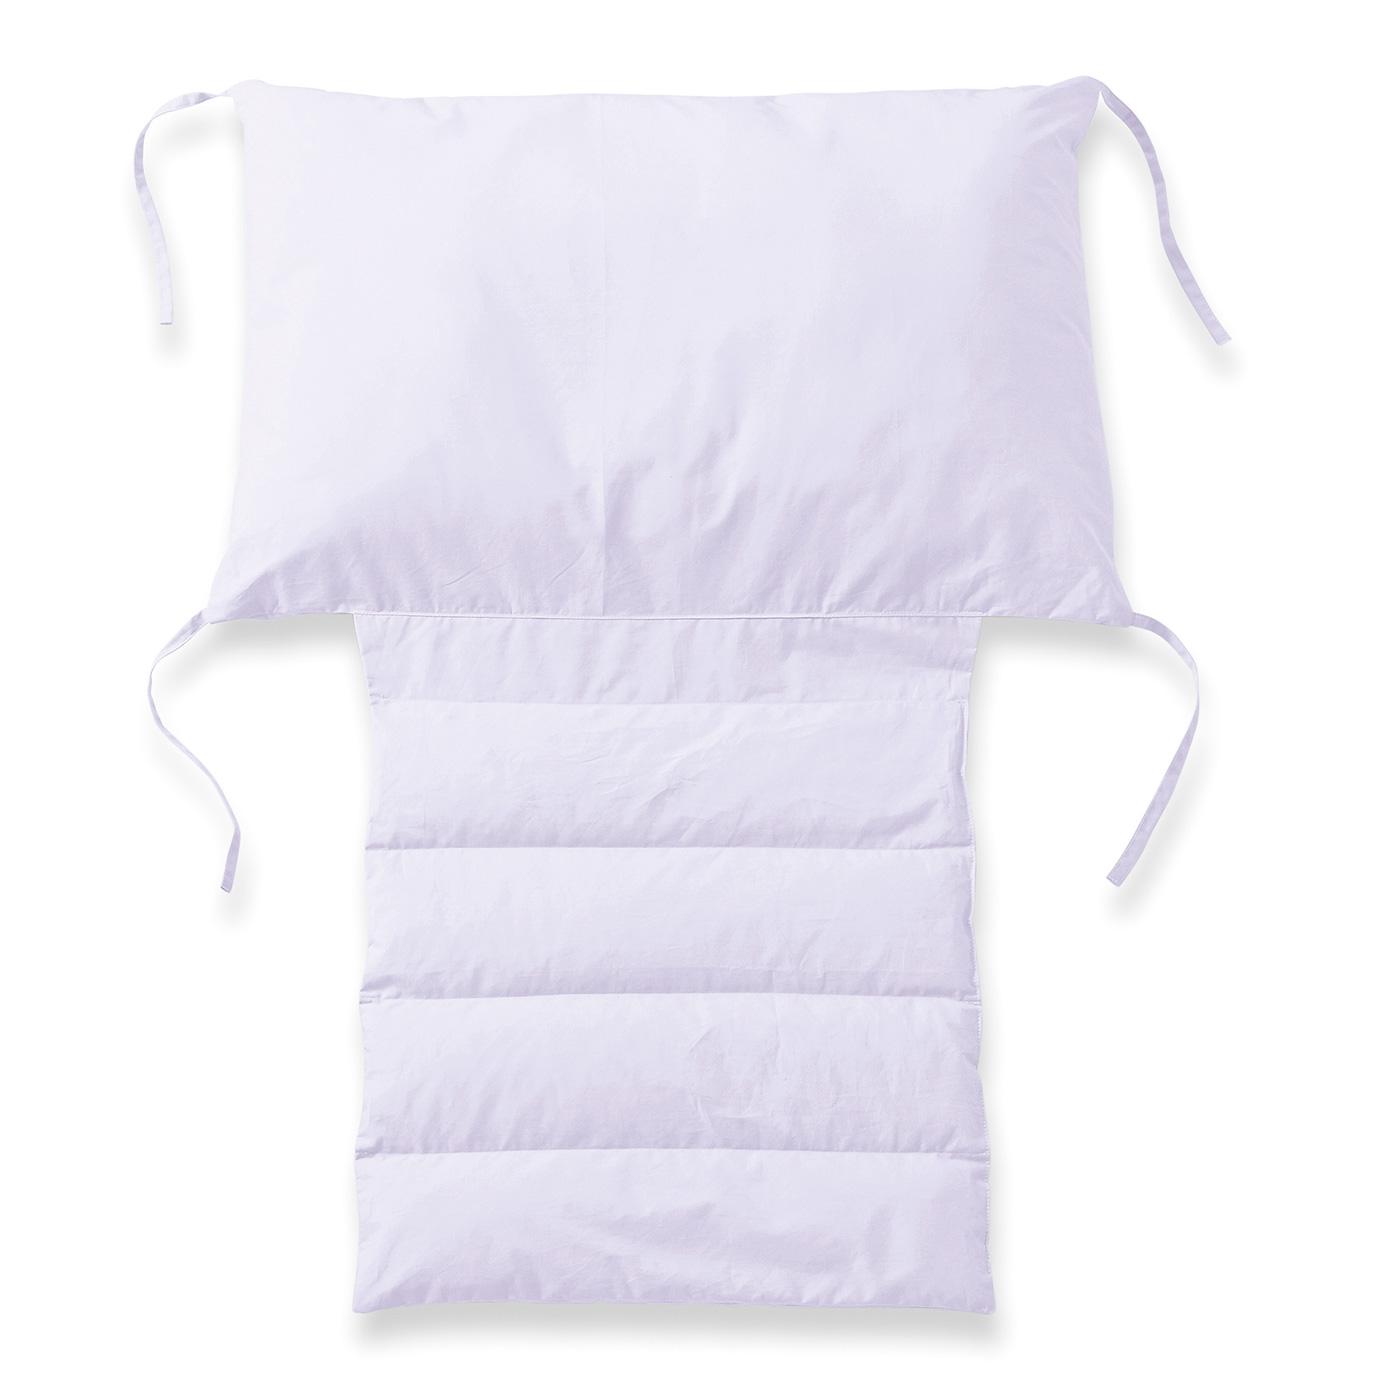 〈ラベンダー〉 生地はさらっと肌にうれしい綿100%。